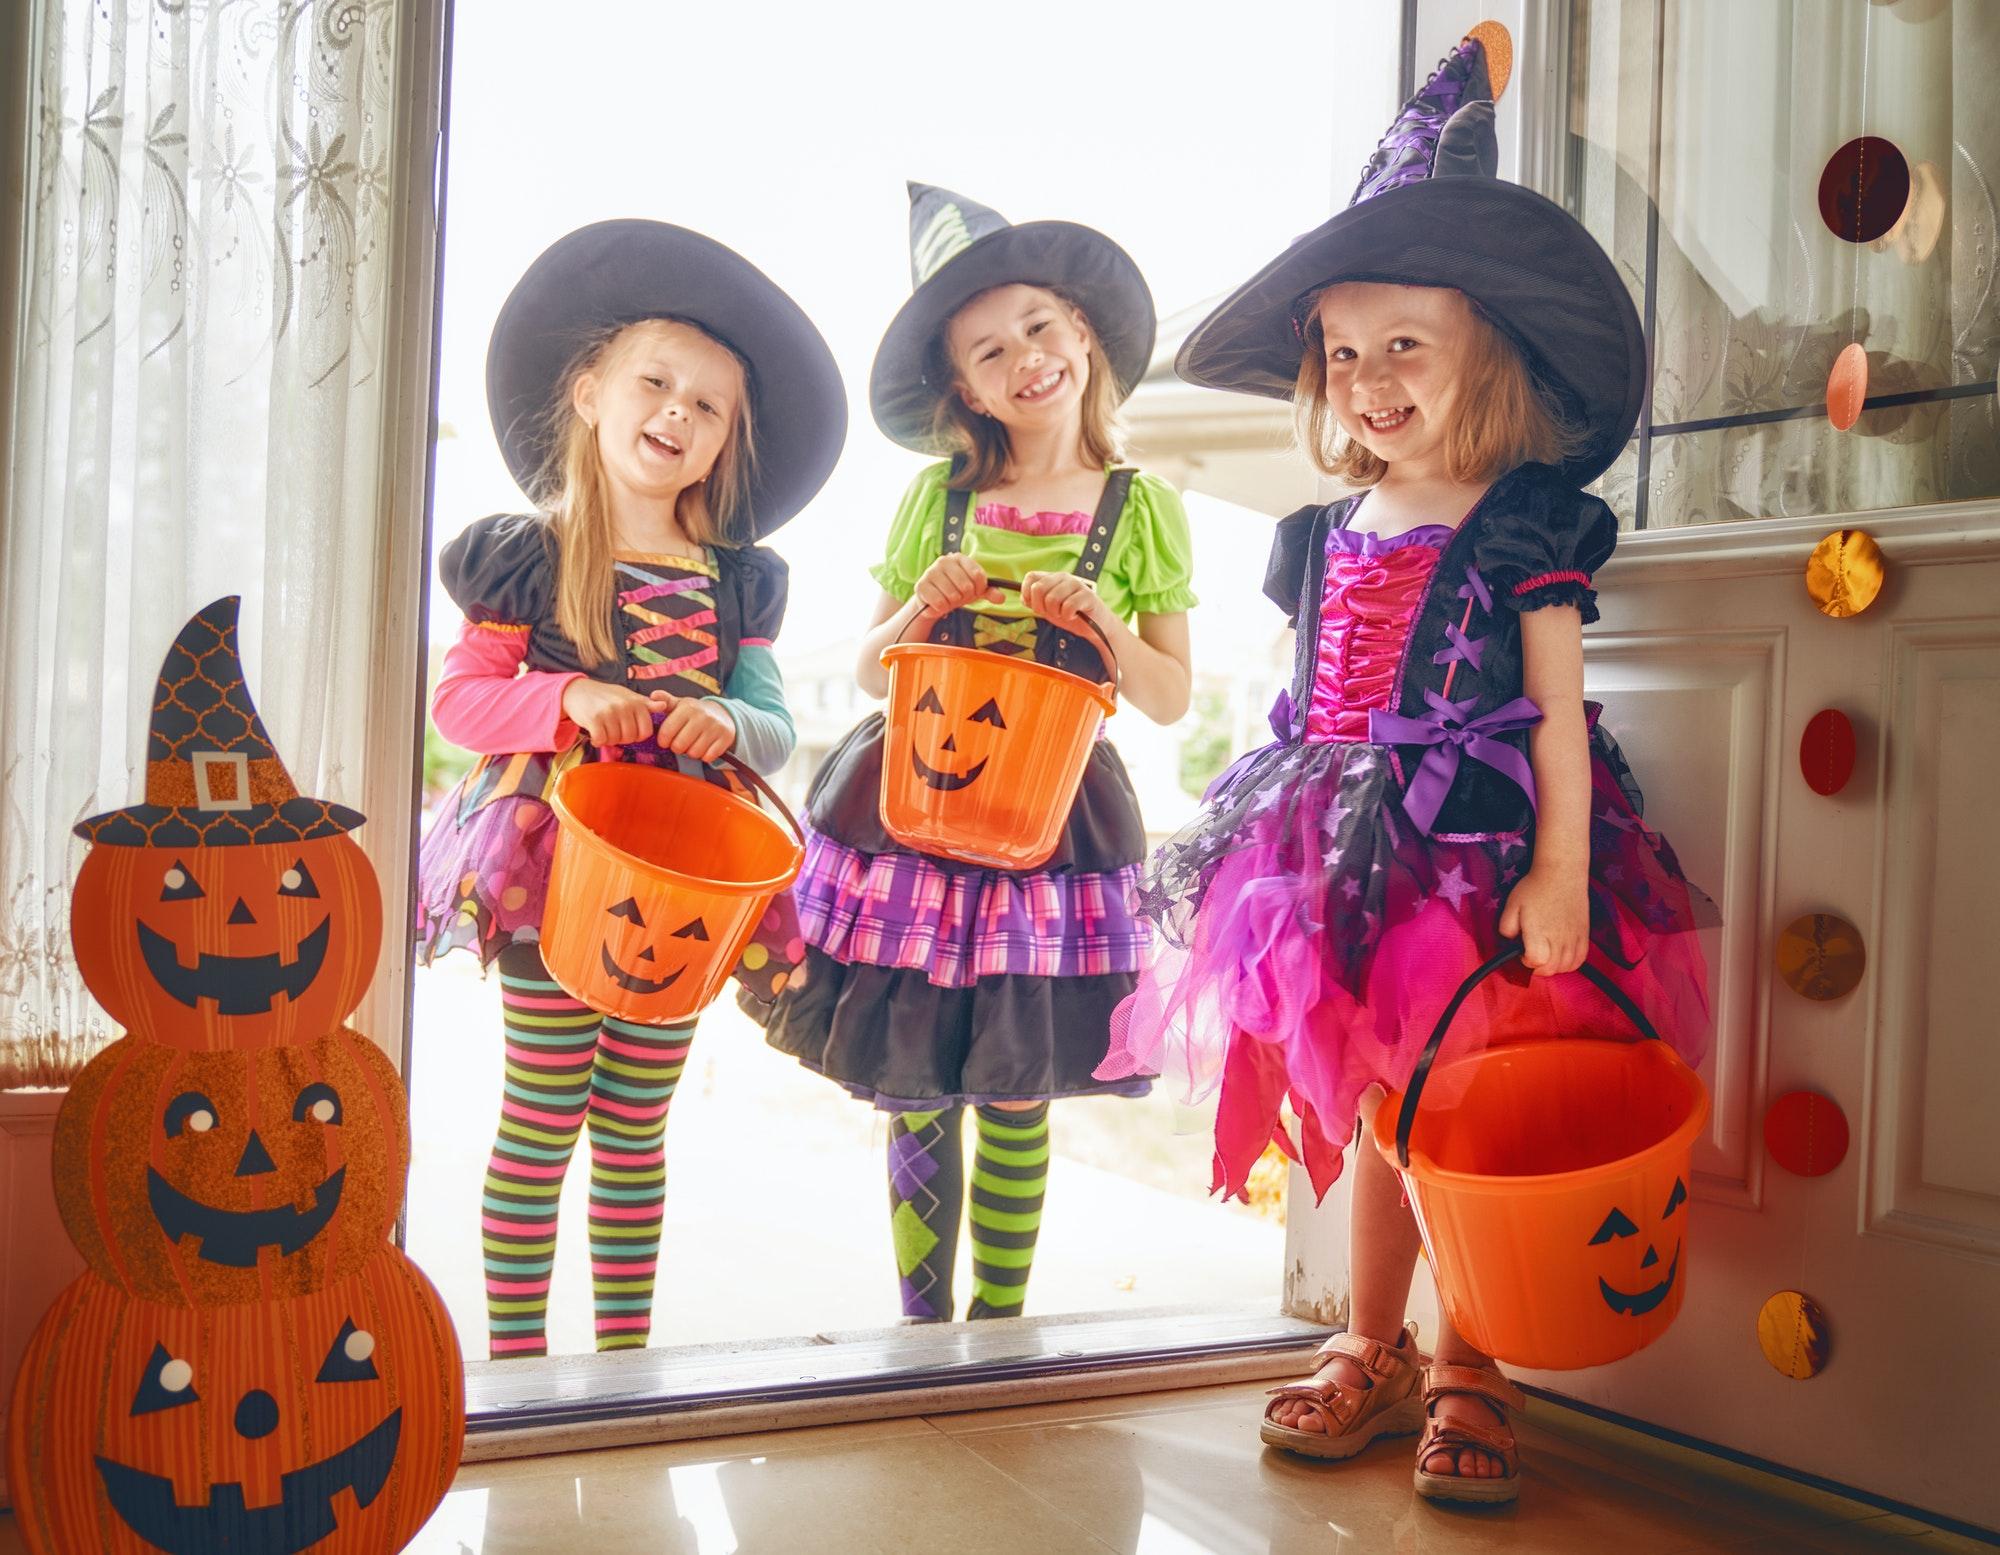 children on Halloween